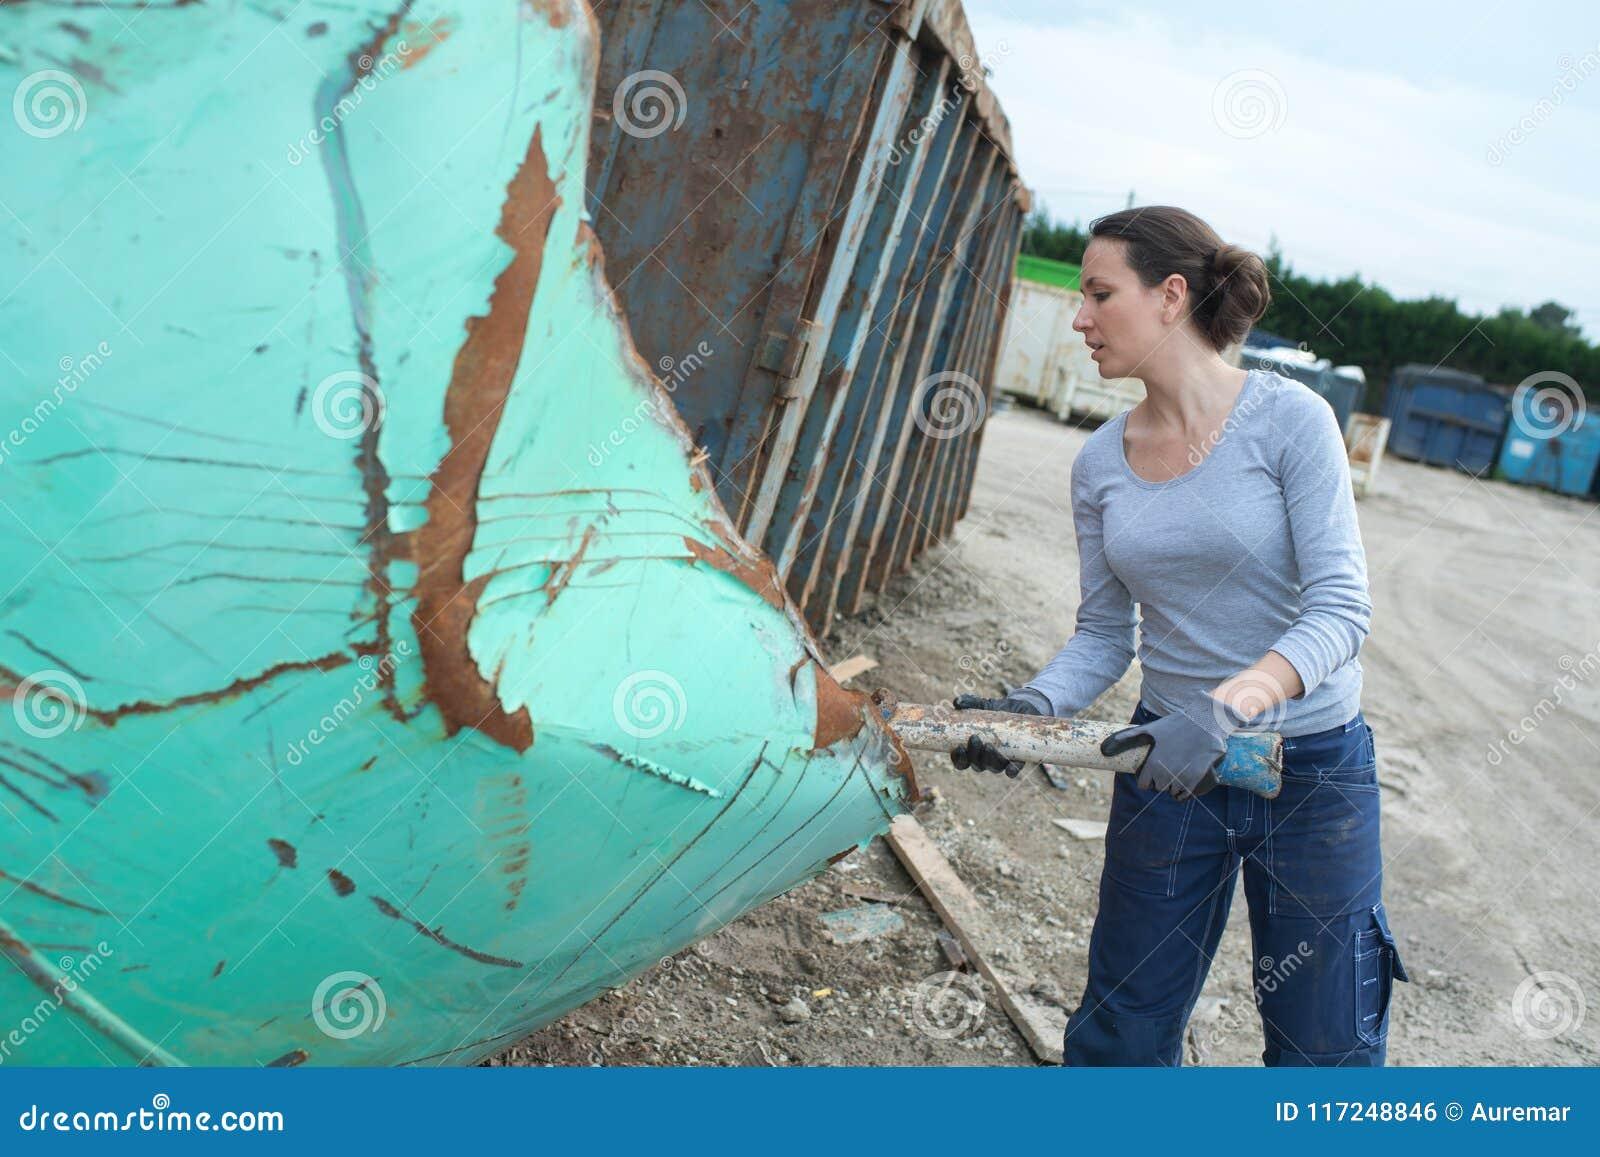 Female junk yard worker